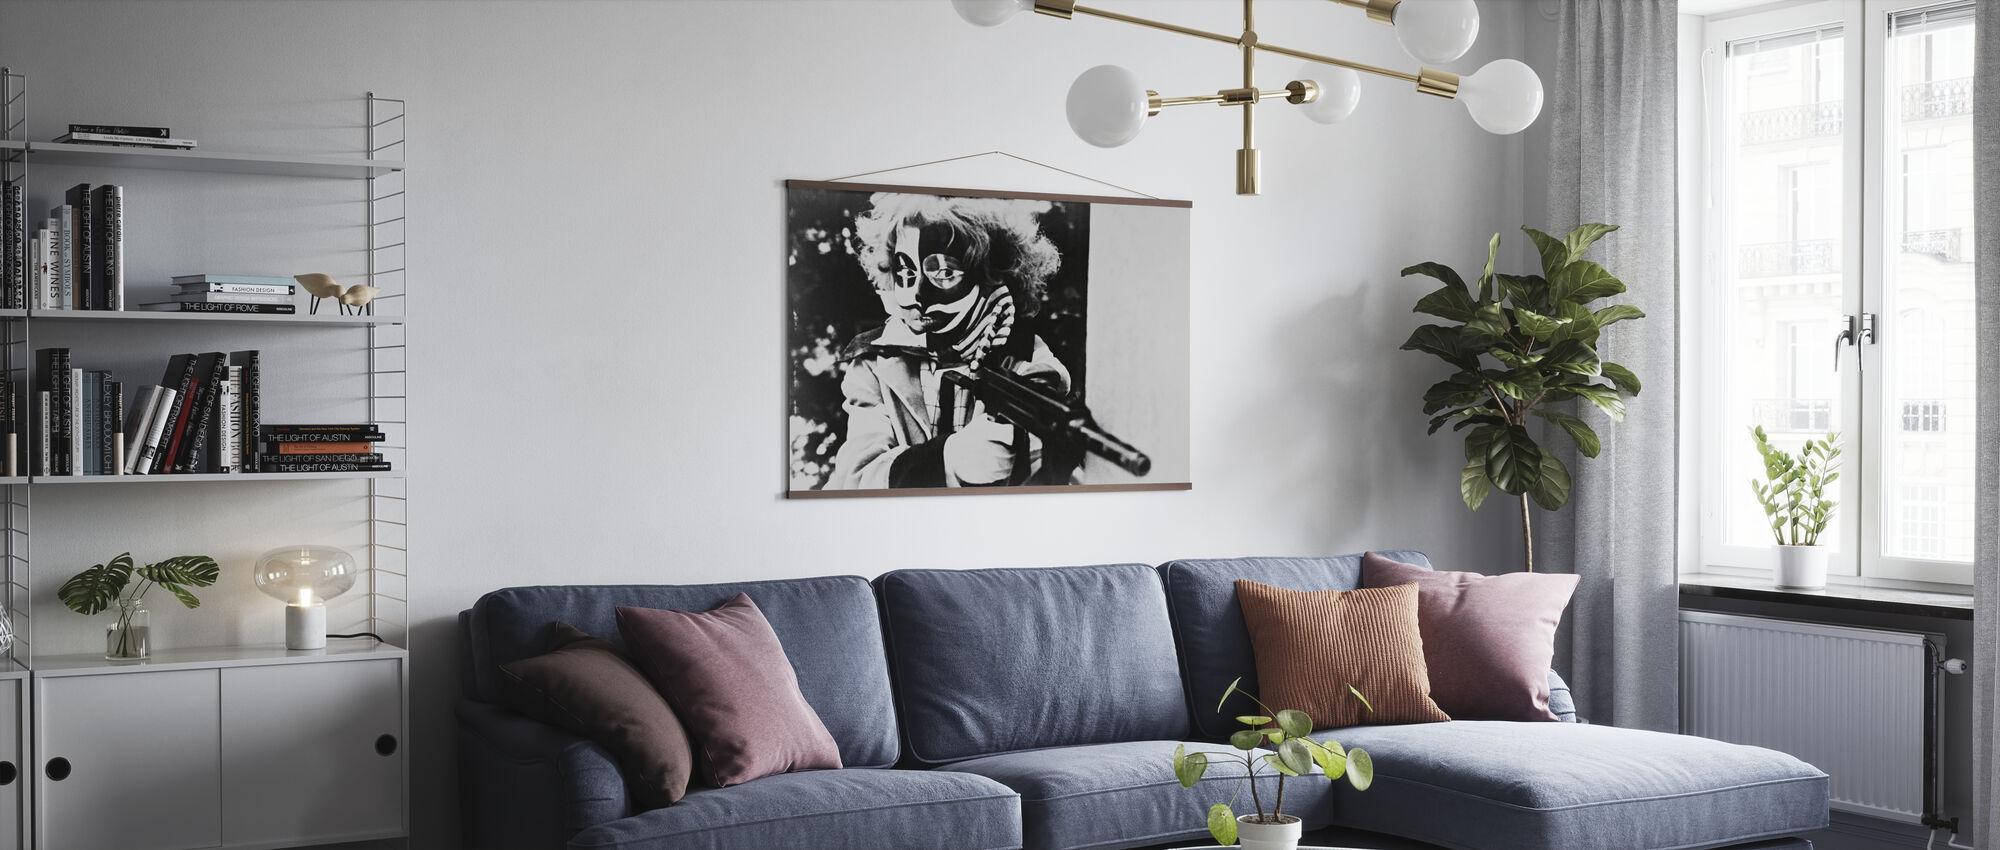 Third Generation - Hanna Schygulla - Poster - Living Room